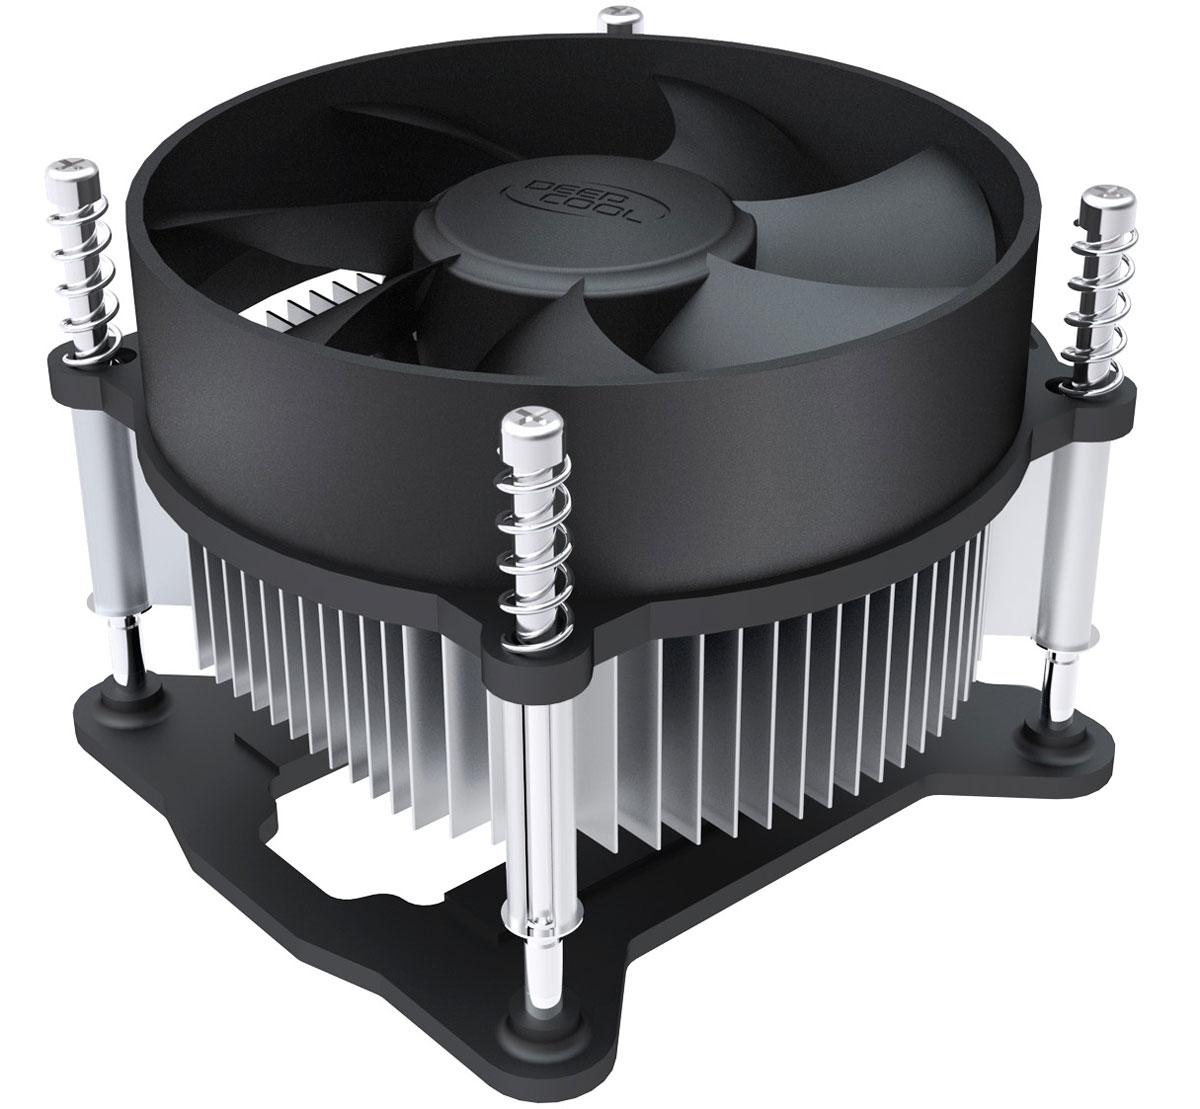 Deepcool CK-11508 кулер компьютерныйCK-11508Кулер для процессора Deepcool CK-11508 совместим с сокетами Intel S1150, S1155 и S1156. Скорость вращения вентилятора составляет 2200 оборотов в минуту при уровне шума в 26.3 дБ. Радиатор кулера выполнен из алюминия.Качественный радиатор с вентилятором диаметром 92 мм для более эффективного рассеивания тепла.Винтовое крепление и задняя планка для обеспечения большей безопасности системы.